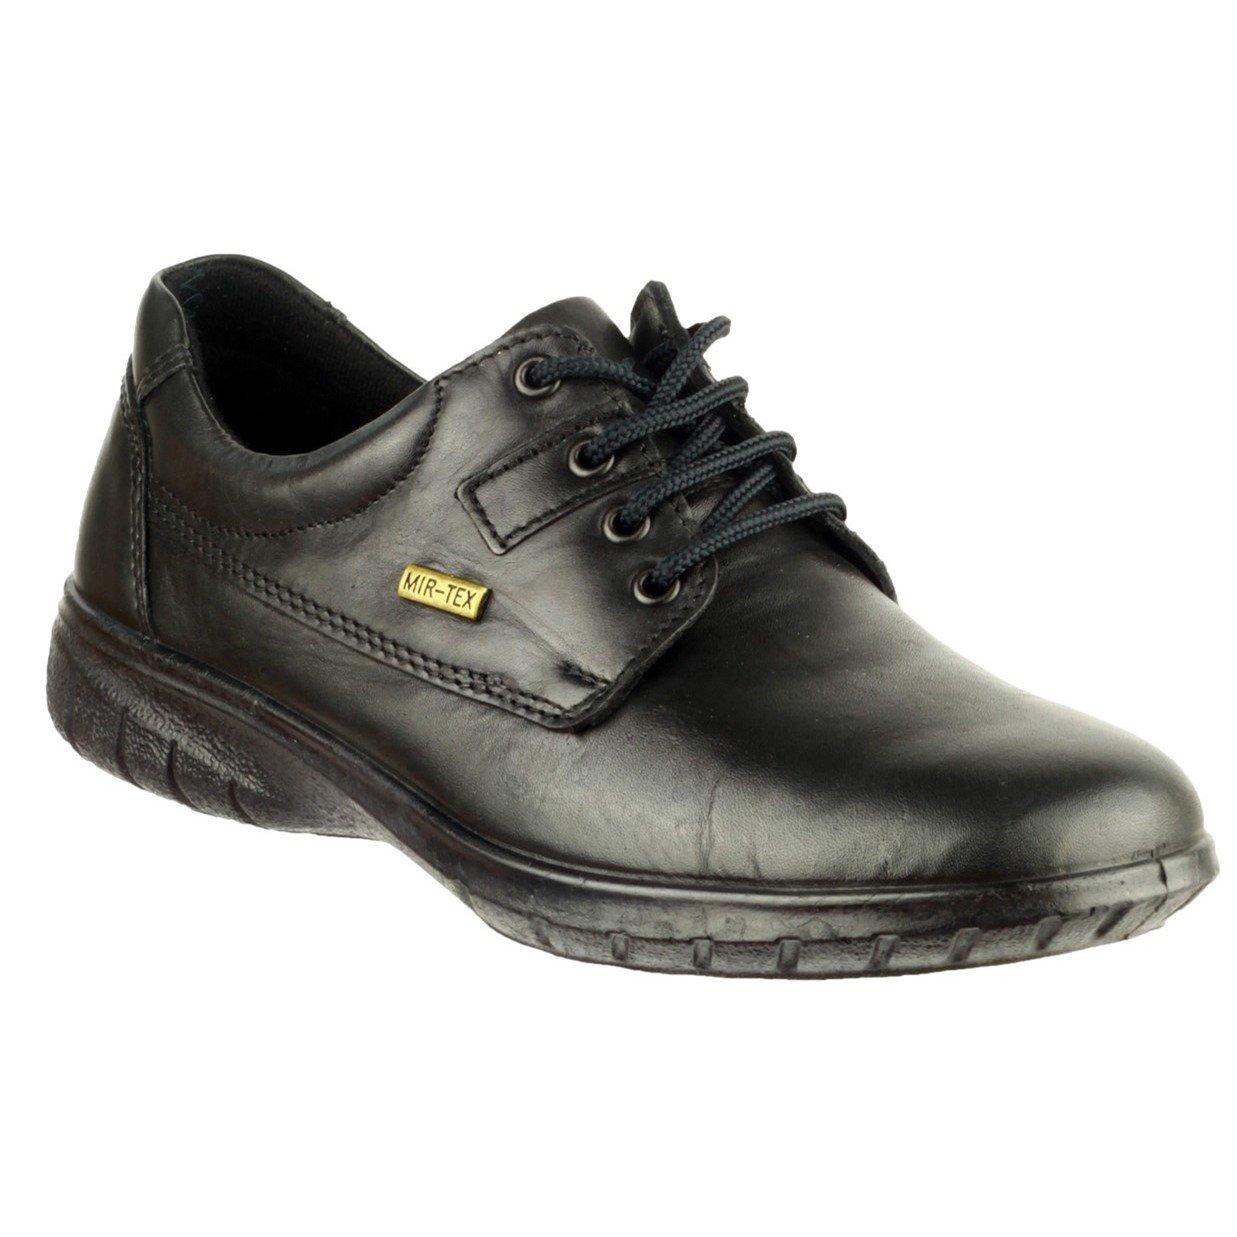 Cotswold Women's Ruscombe Waterproof Shoe Black 32982 - Black 5